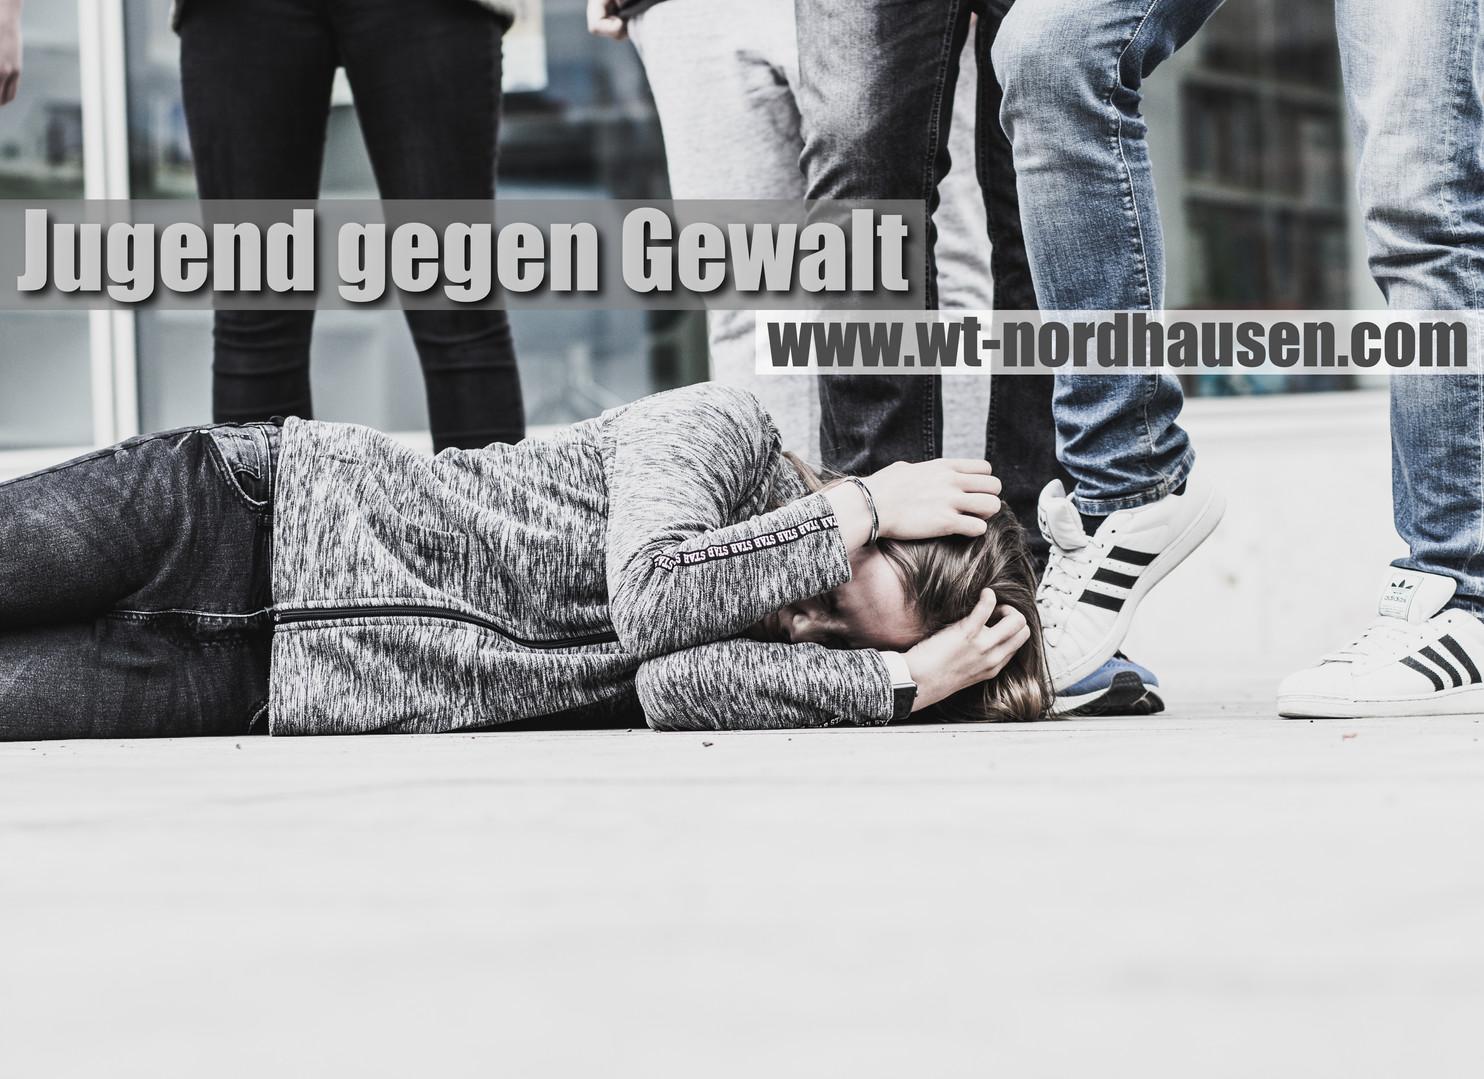 Jugendgewalt in Nordhausen